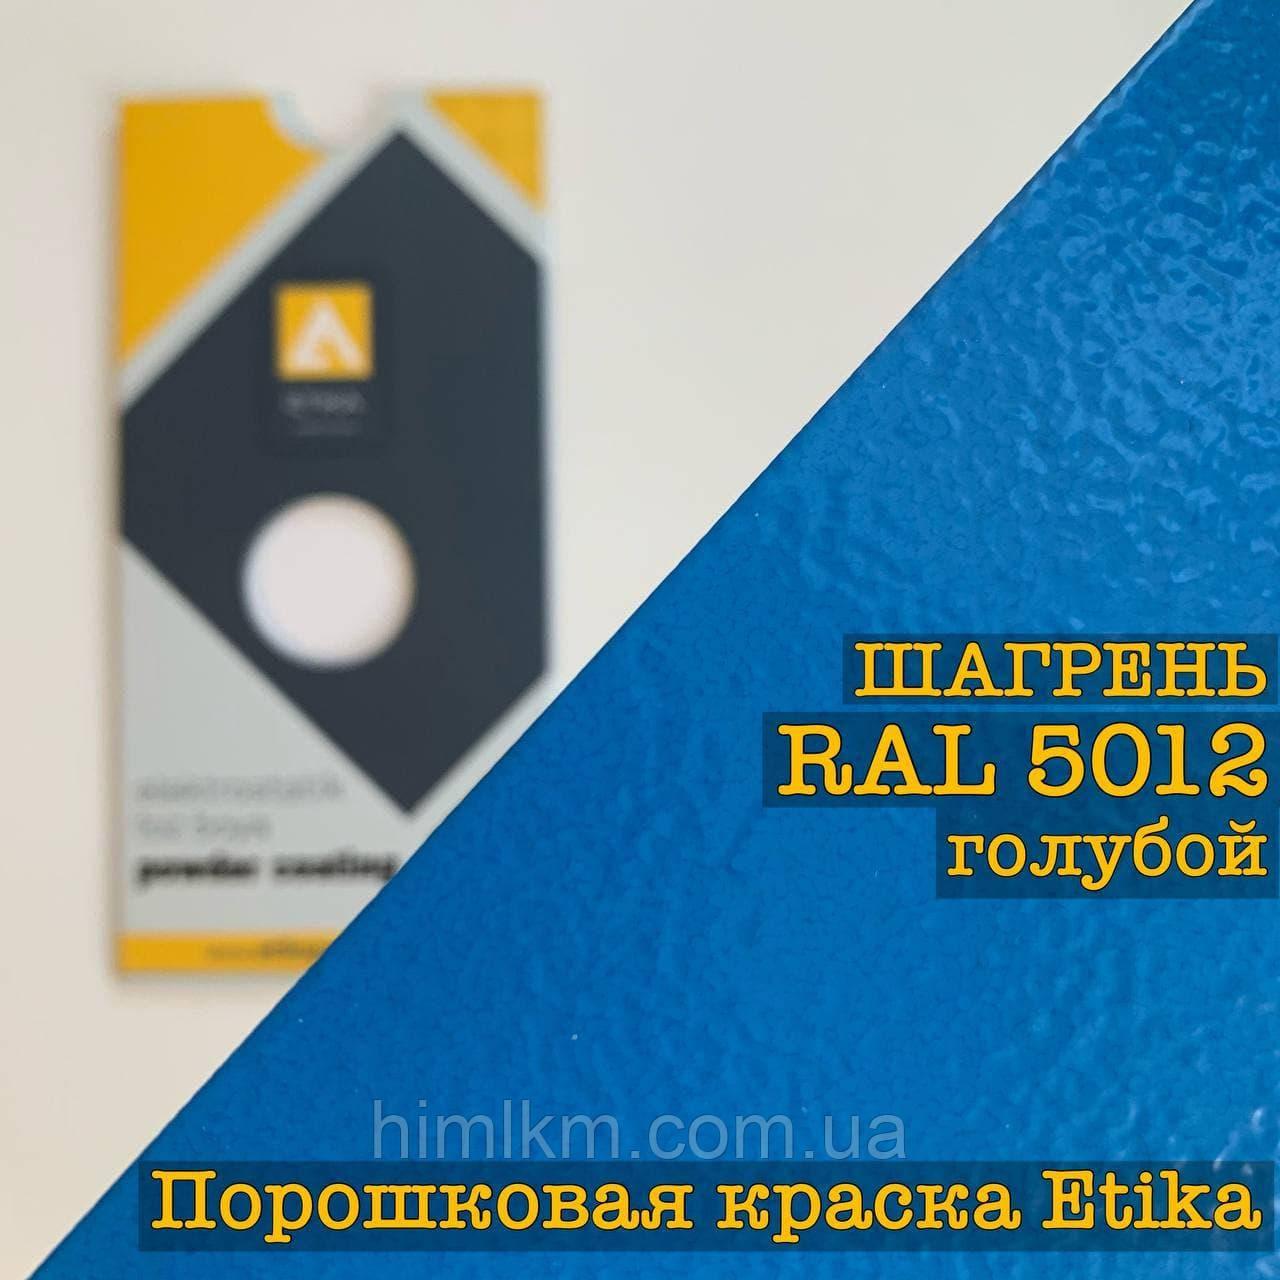 Порошкова фарба шагрень RAL 5012 легкий синій, 25кг Etika